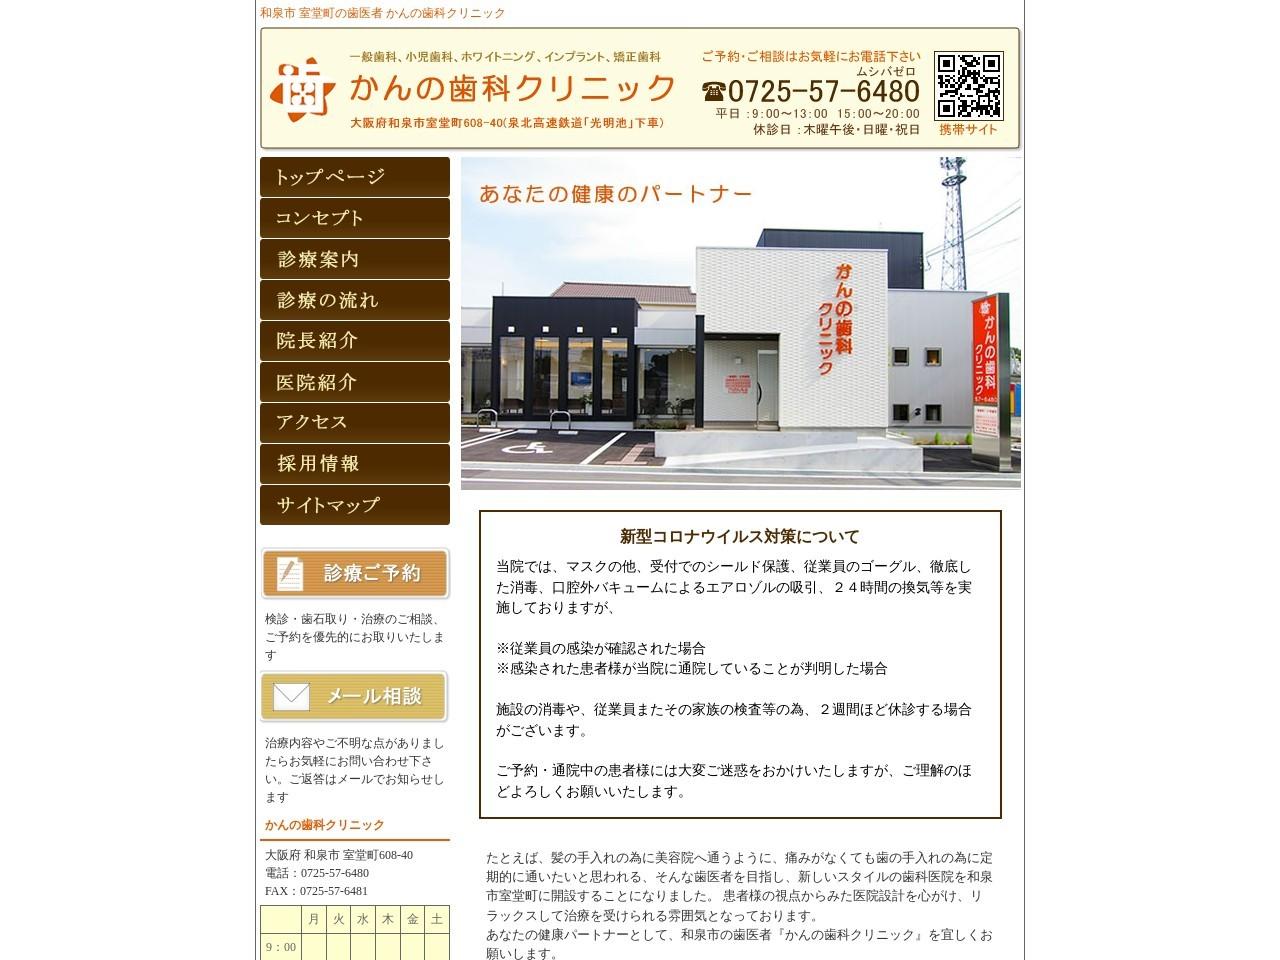 かんの歯科クリニック (大阪府和泉市)